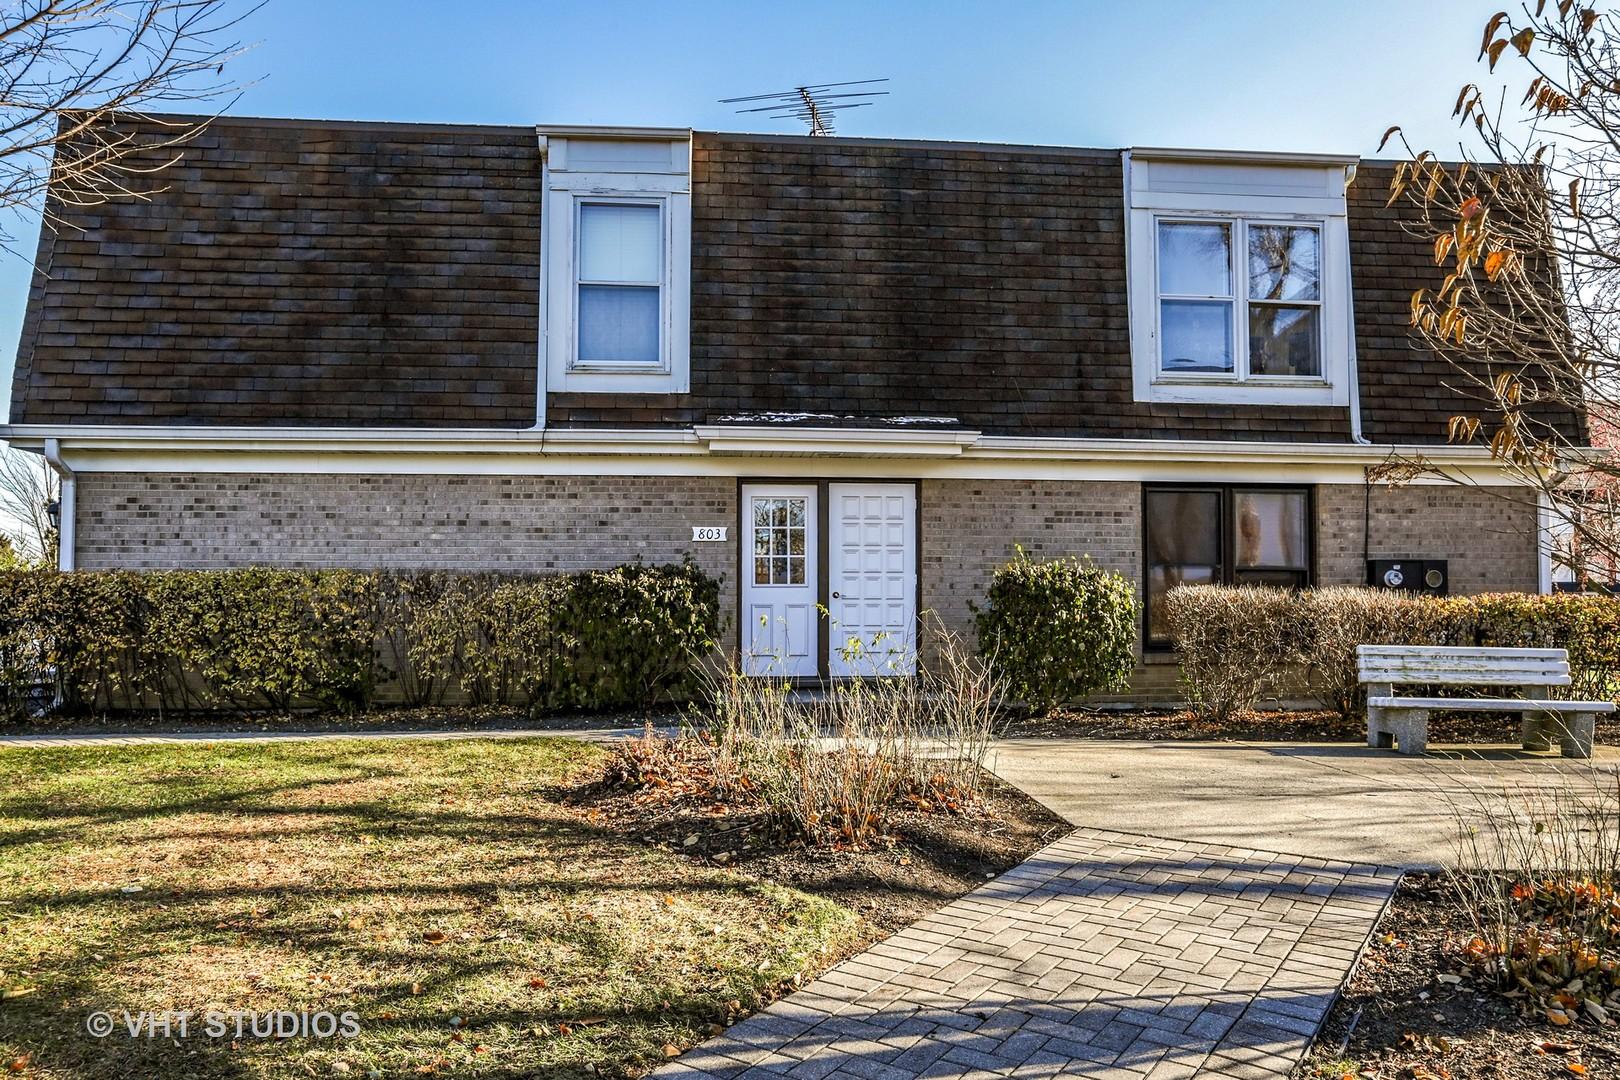 803 Garfield Avenue, Unit B, Libertyville, Illinois 60048